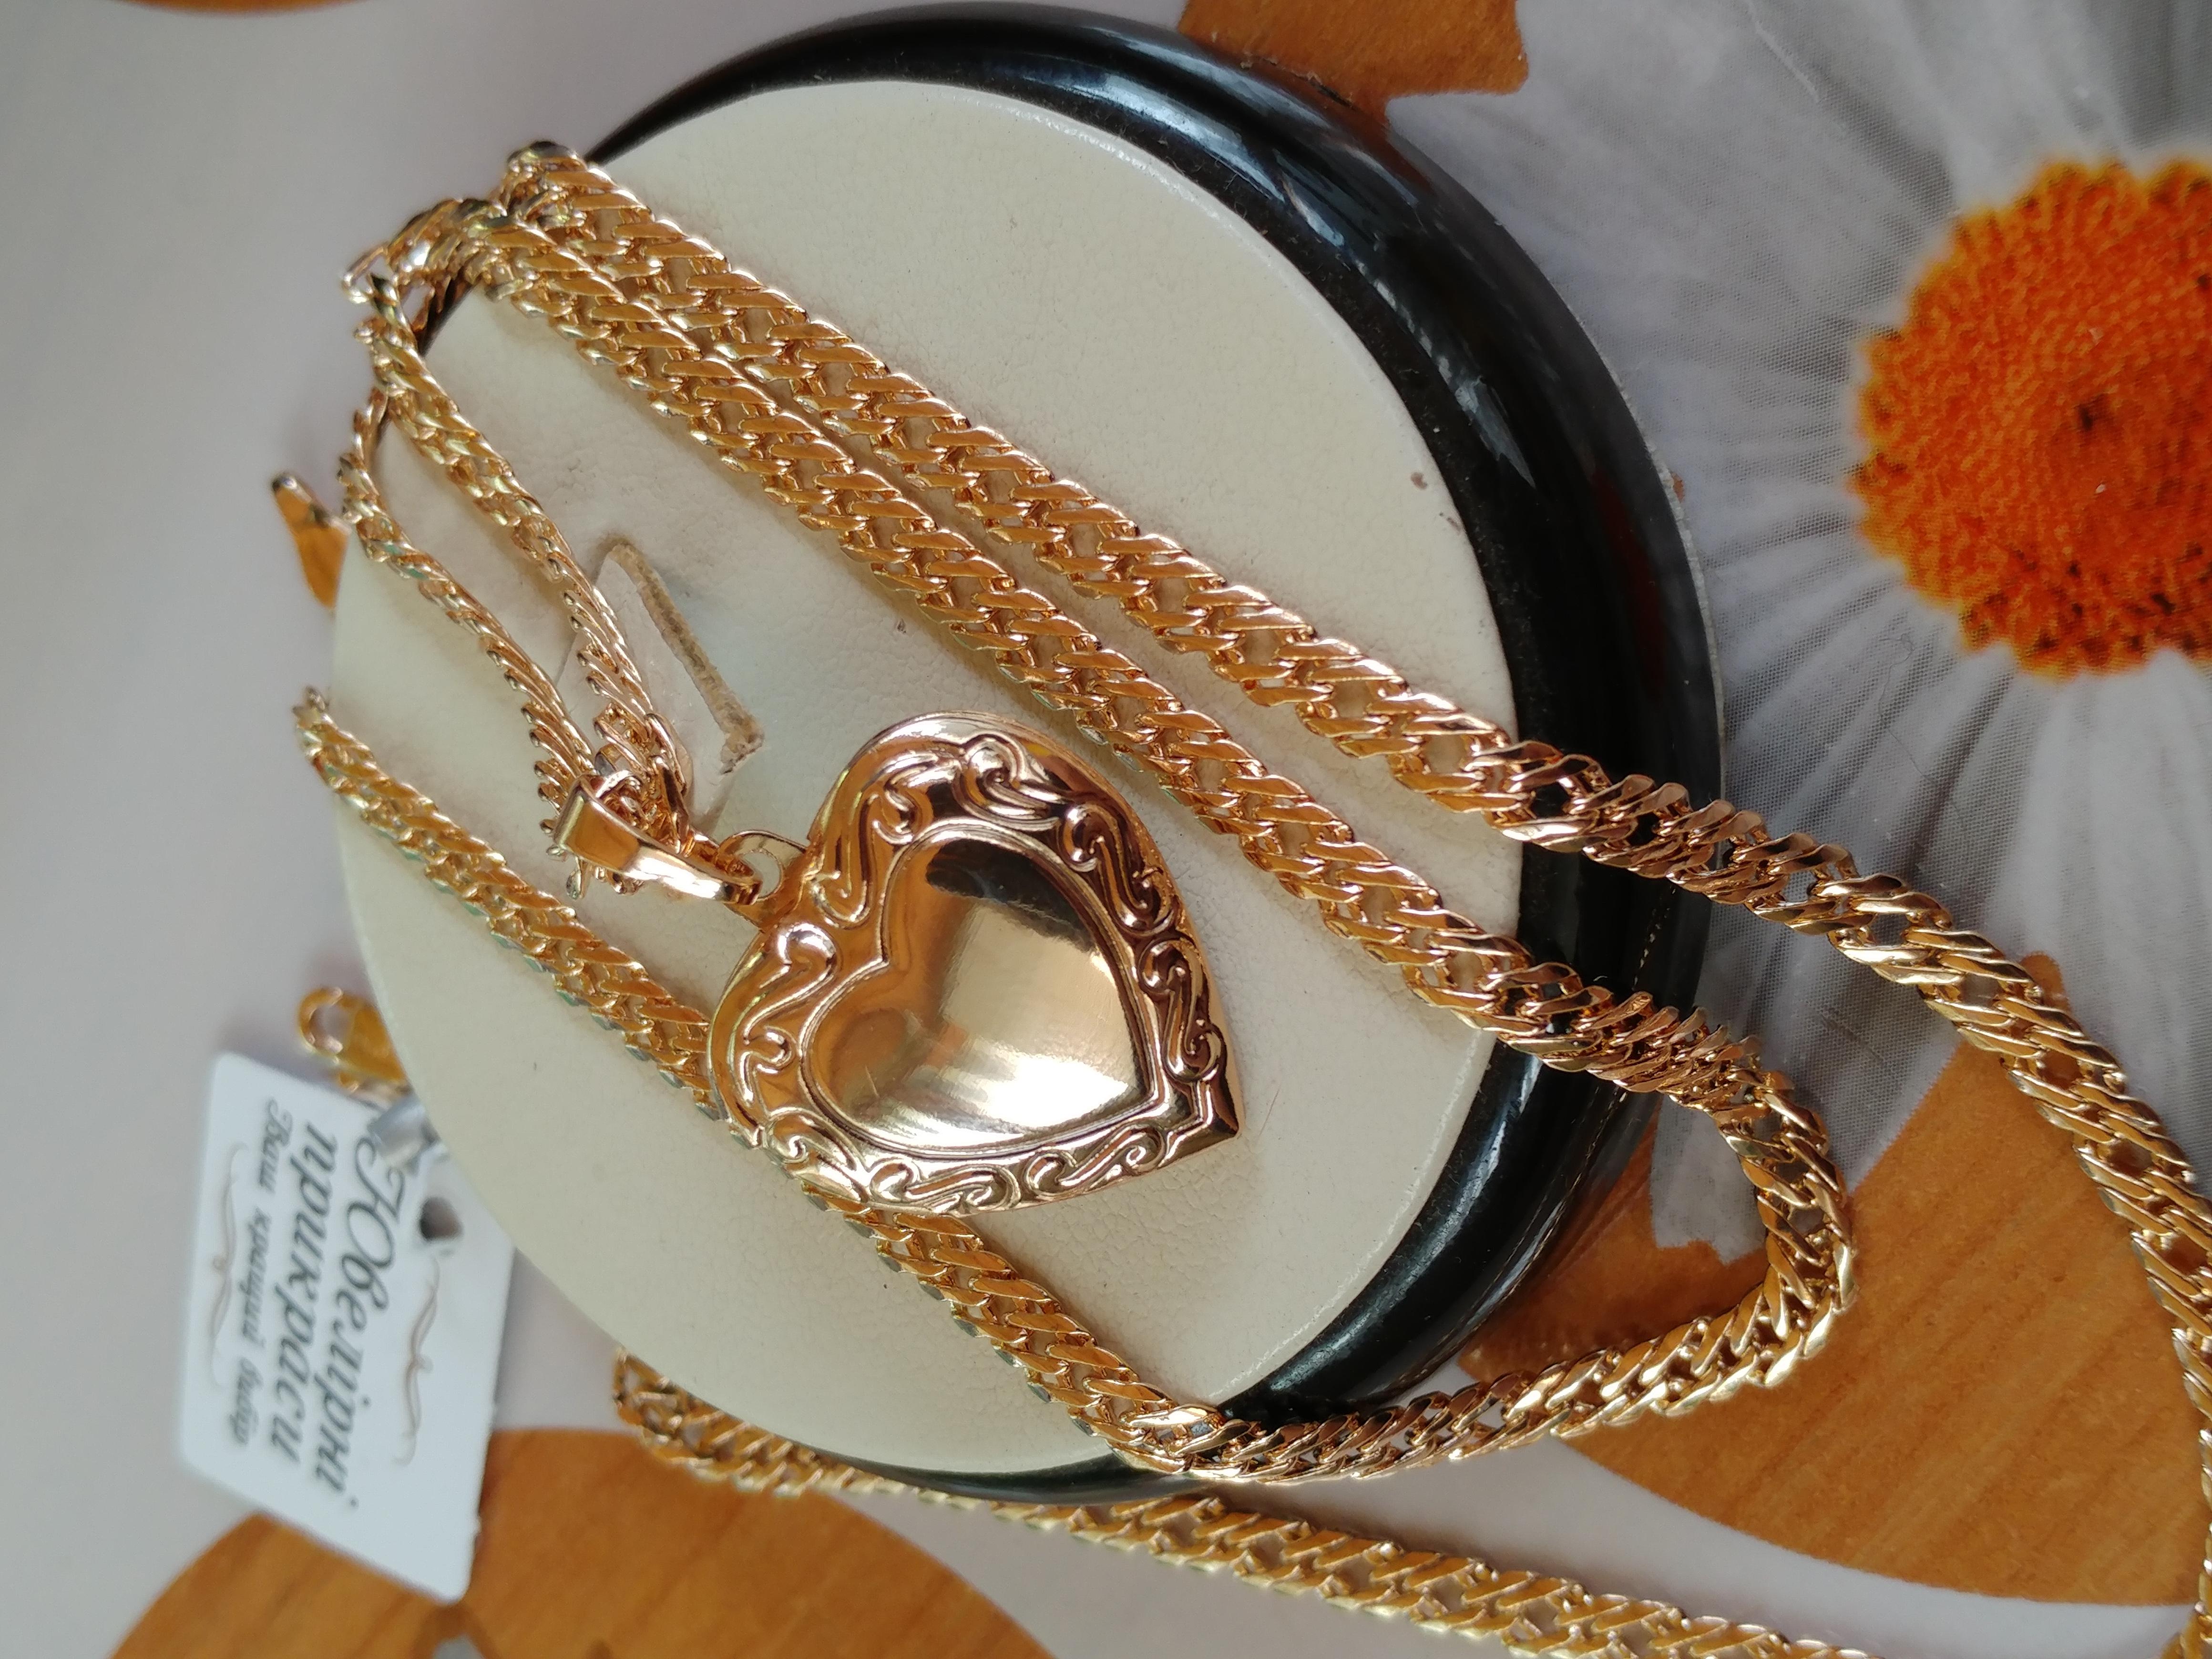 только один остался, не пропустите! открывающийся медальон-сердце с гравировкой, позолота 585 пробы